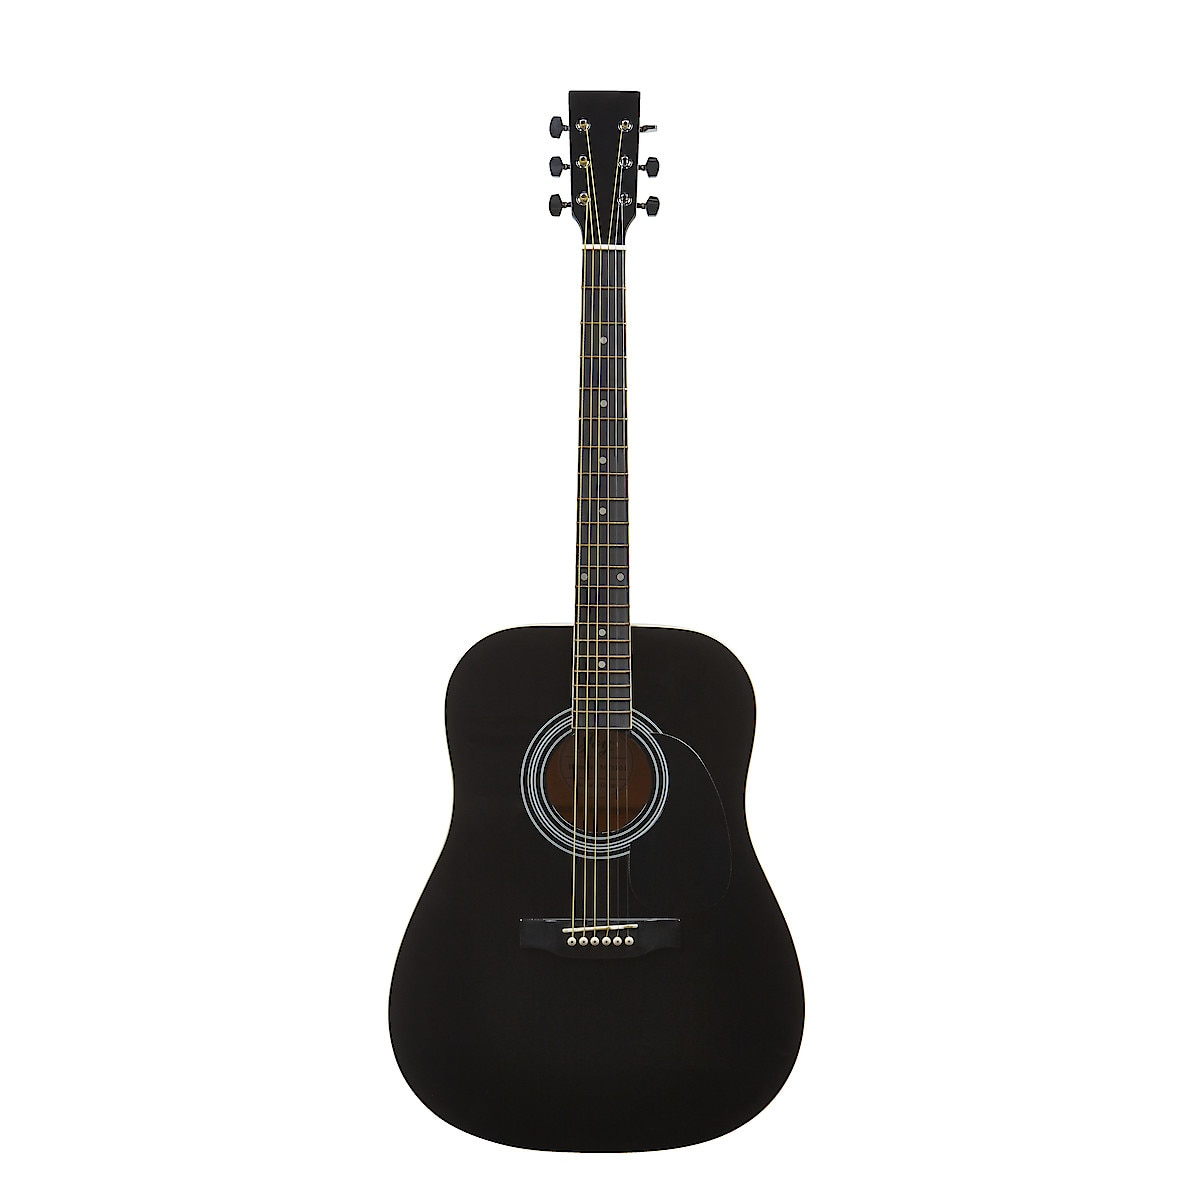 Joy akustisk gitar